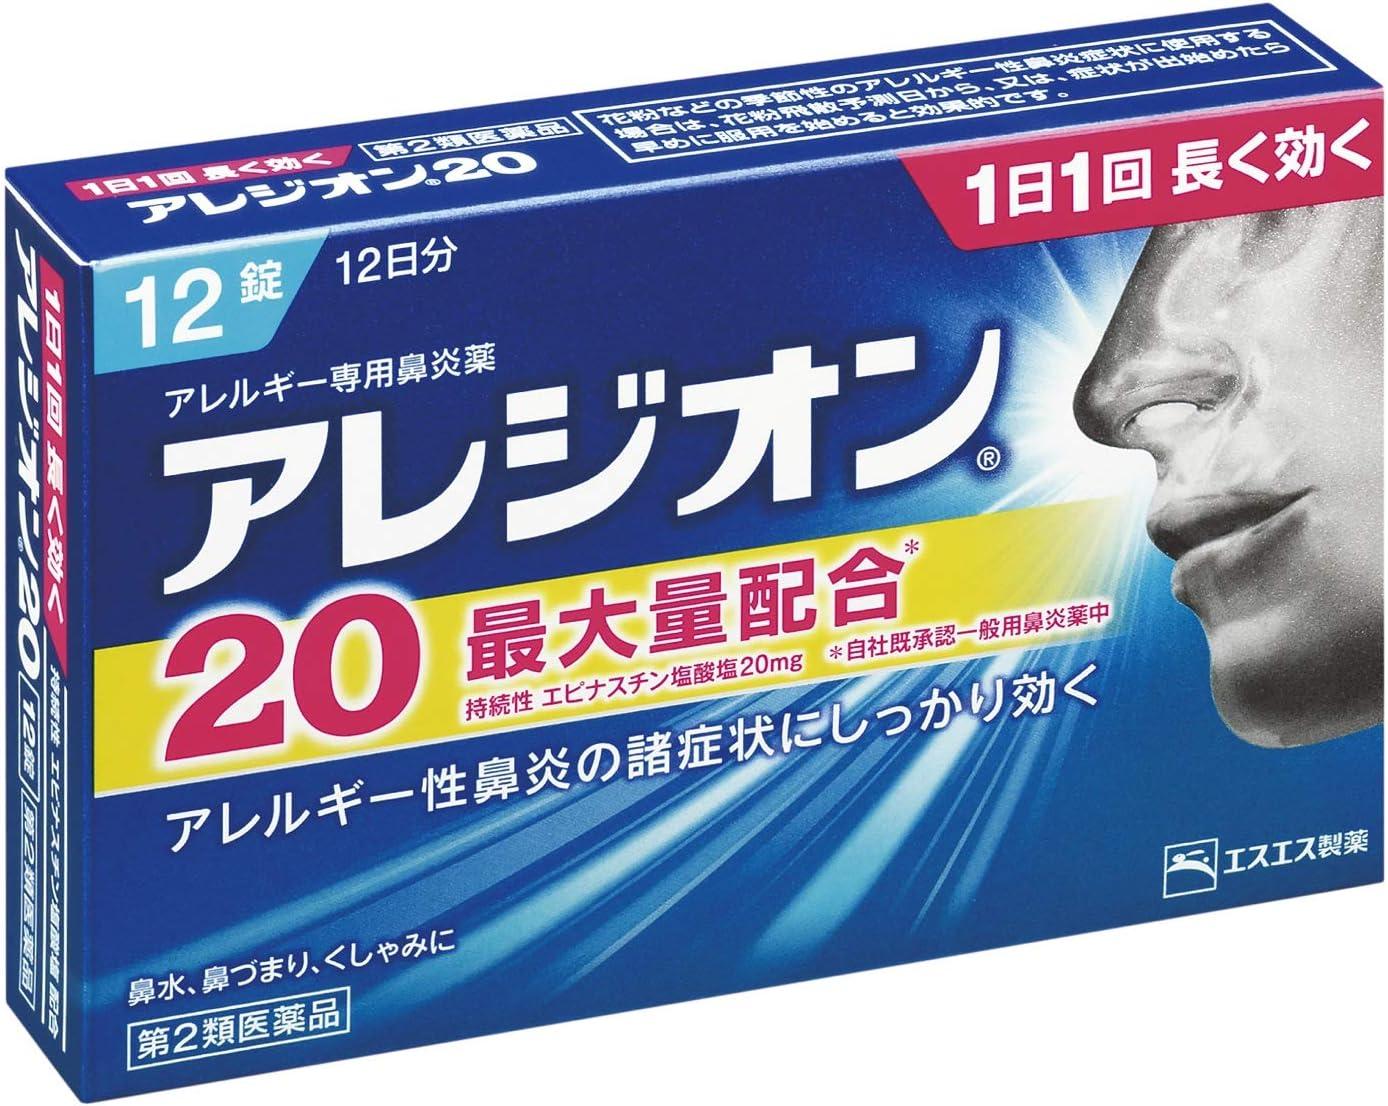 【第2類医薬品】アレジオン20 12錠 ※セルフメディケーション税制対象商品